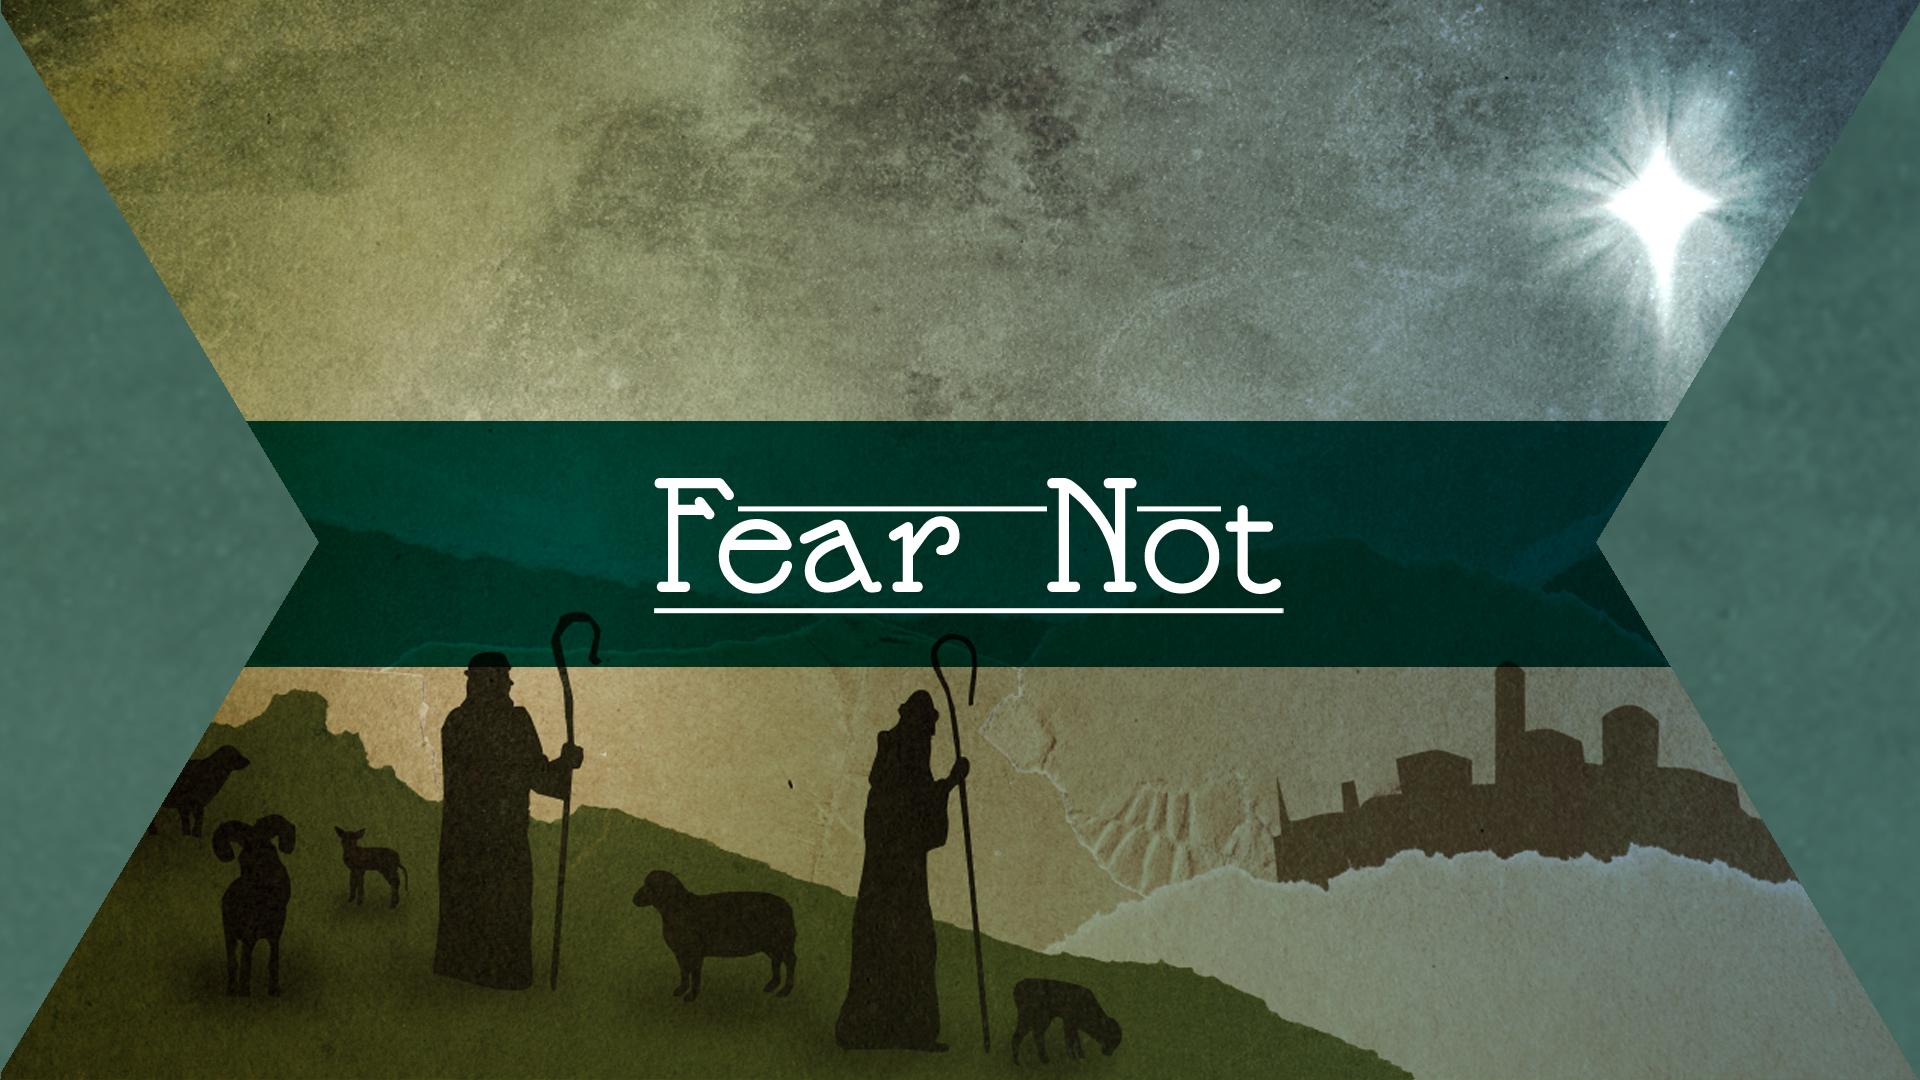 fearnot_1920x1080.jpg